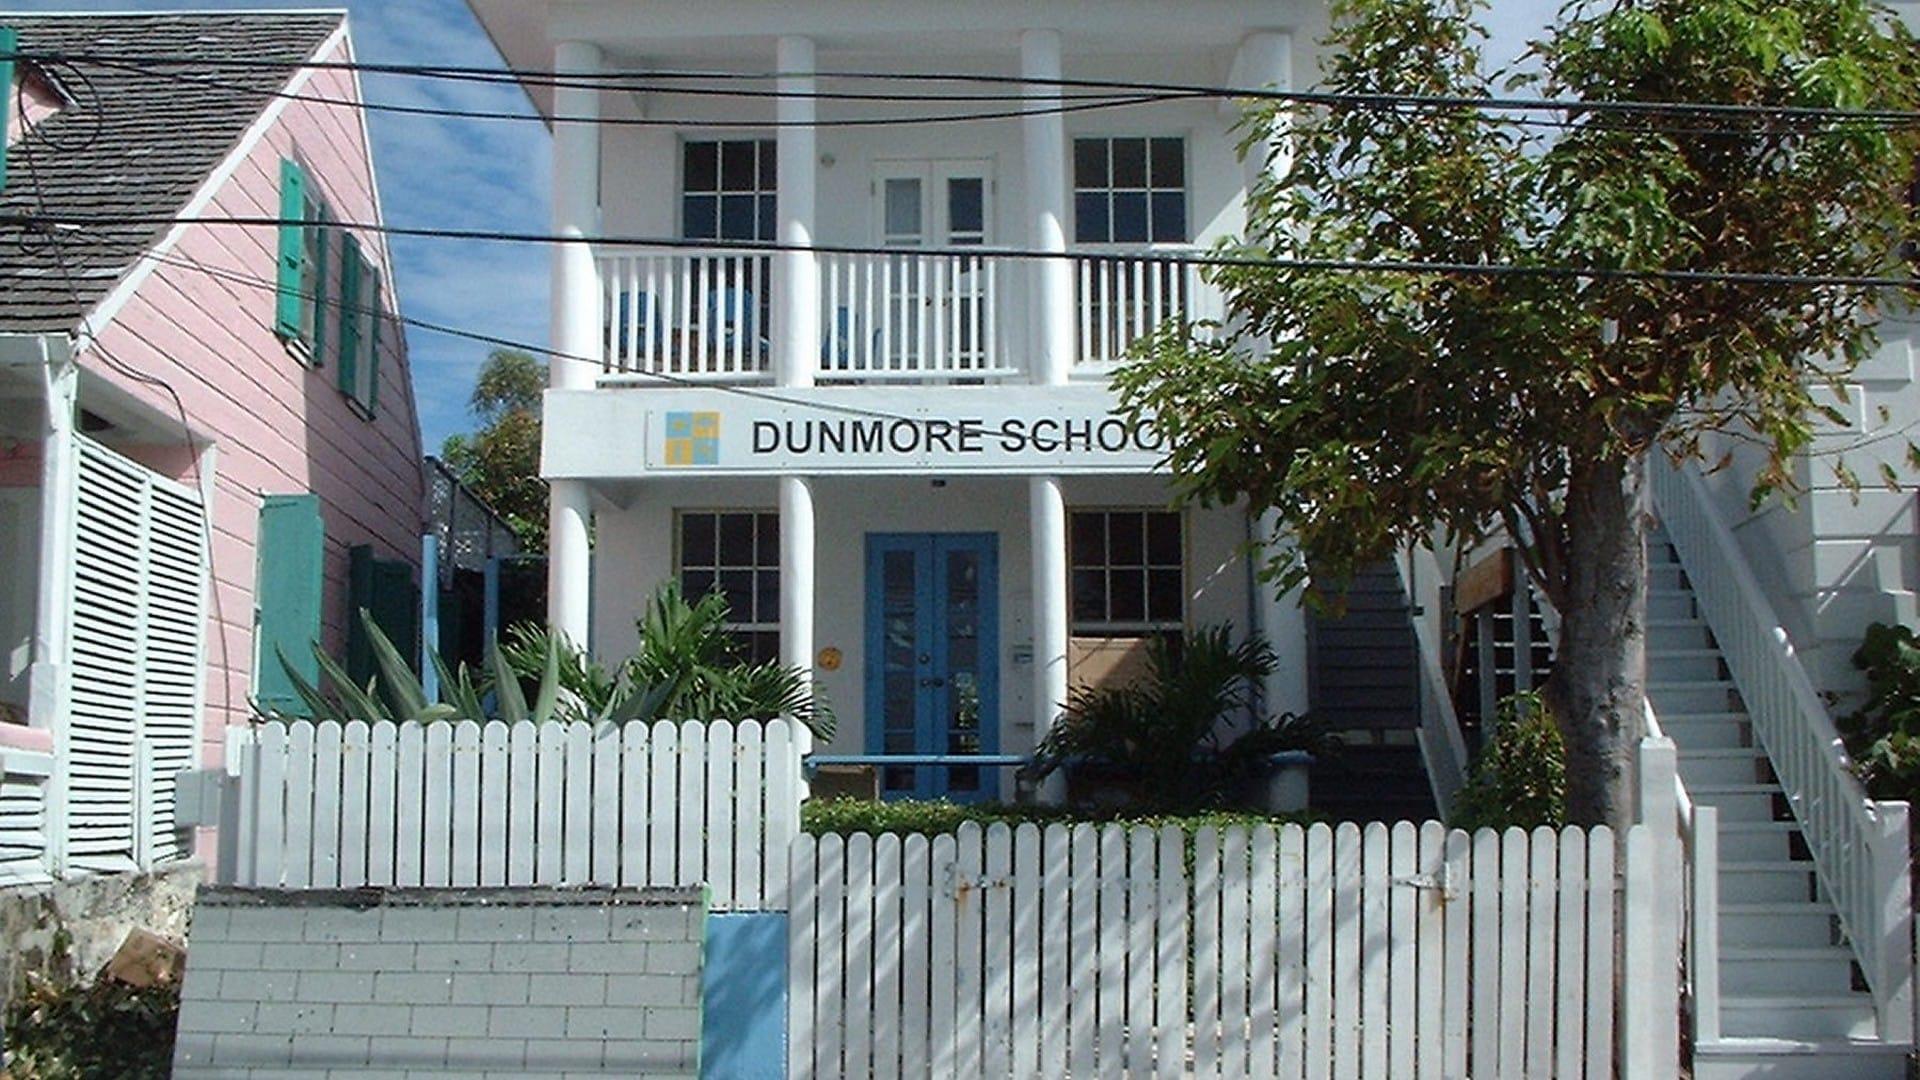 DunmoreSchool